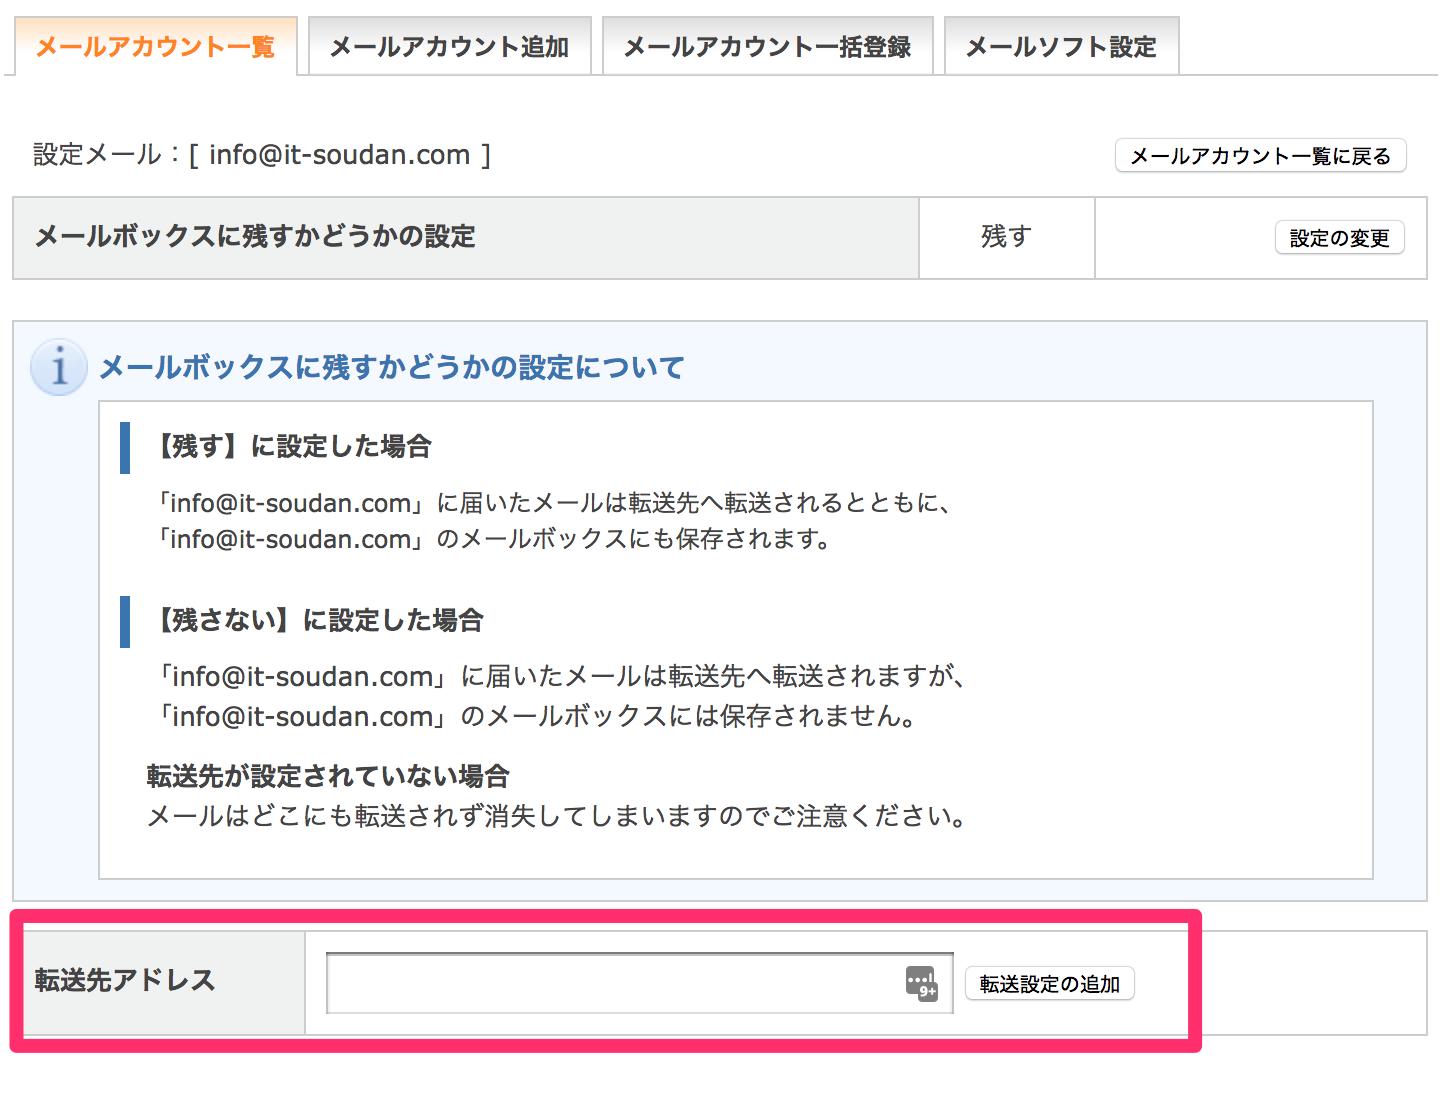 [転送先アドレス]欄に Gmail アドレスを入力し、[転送設定の追加] ボタンをクリックします